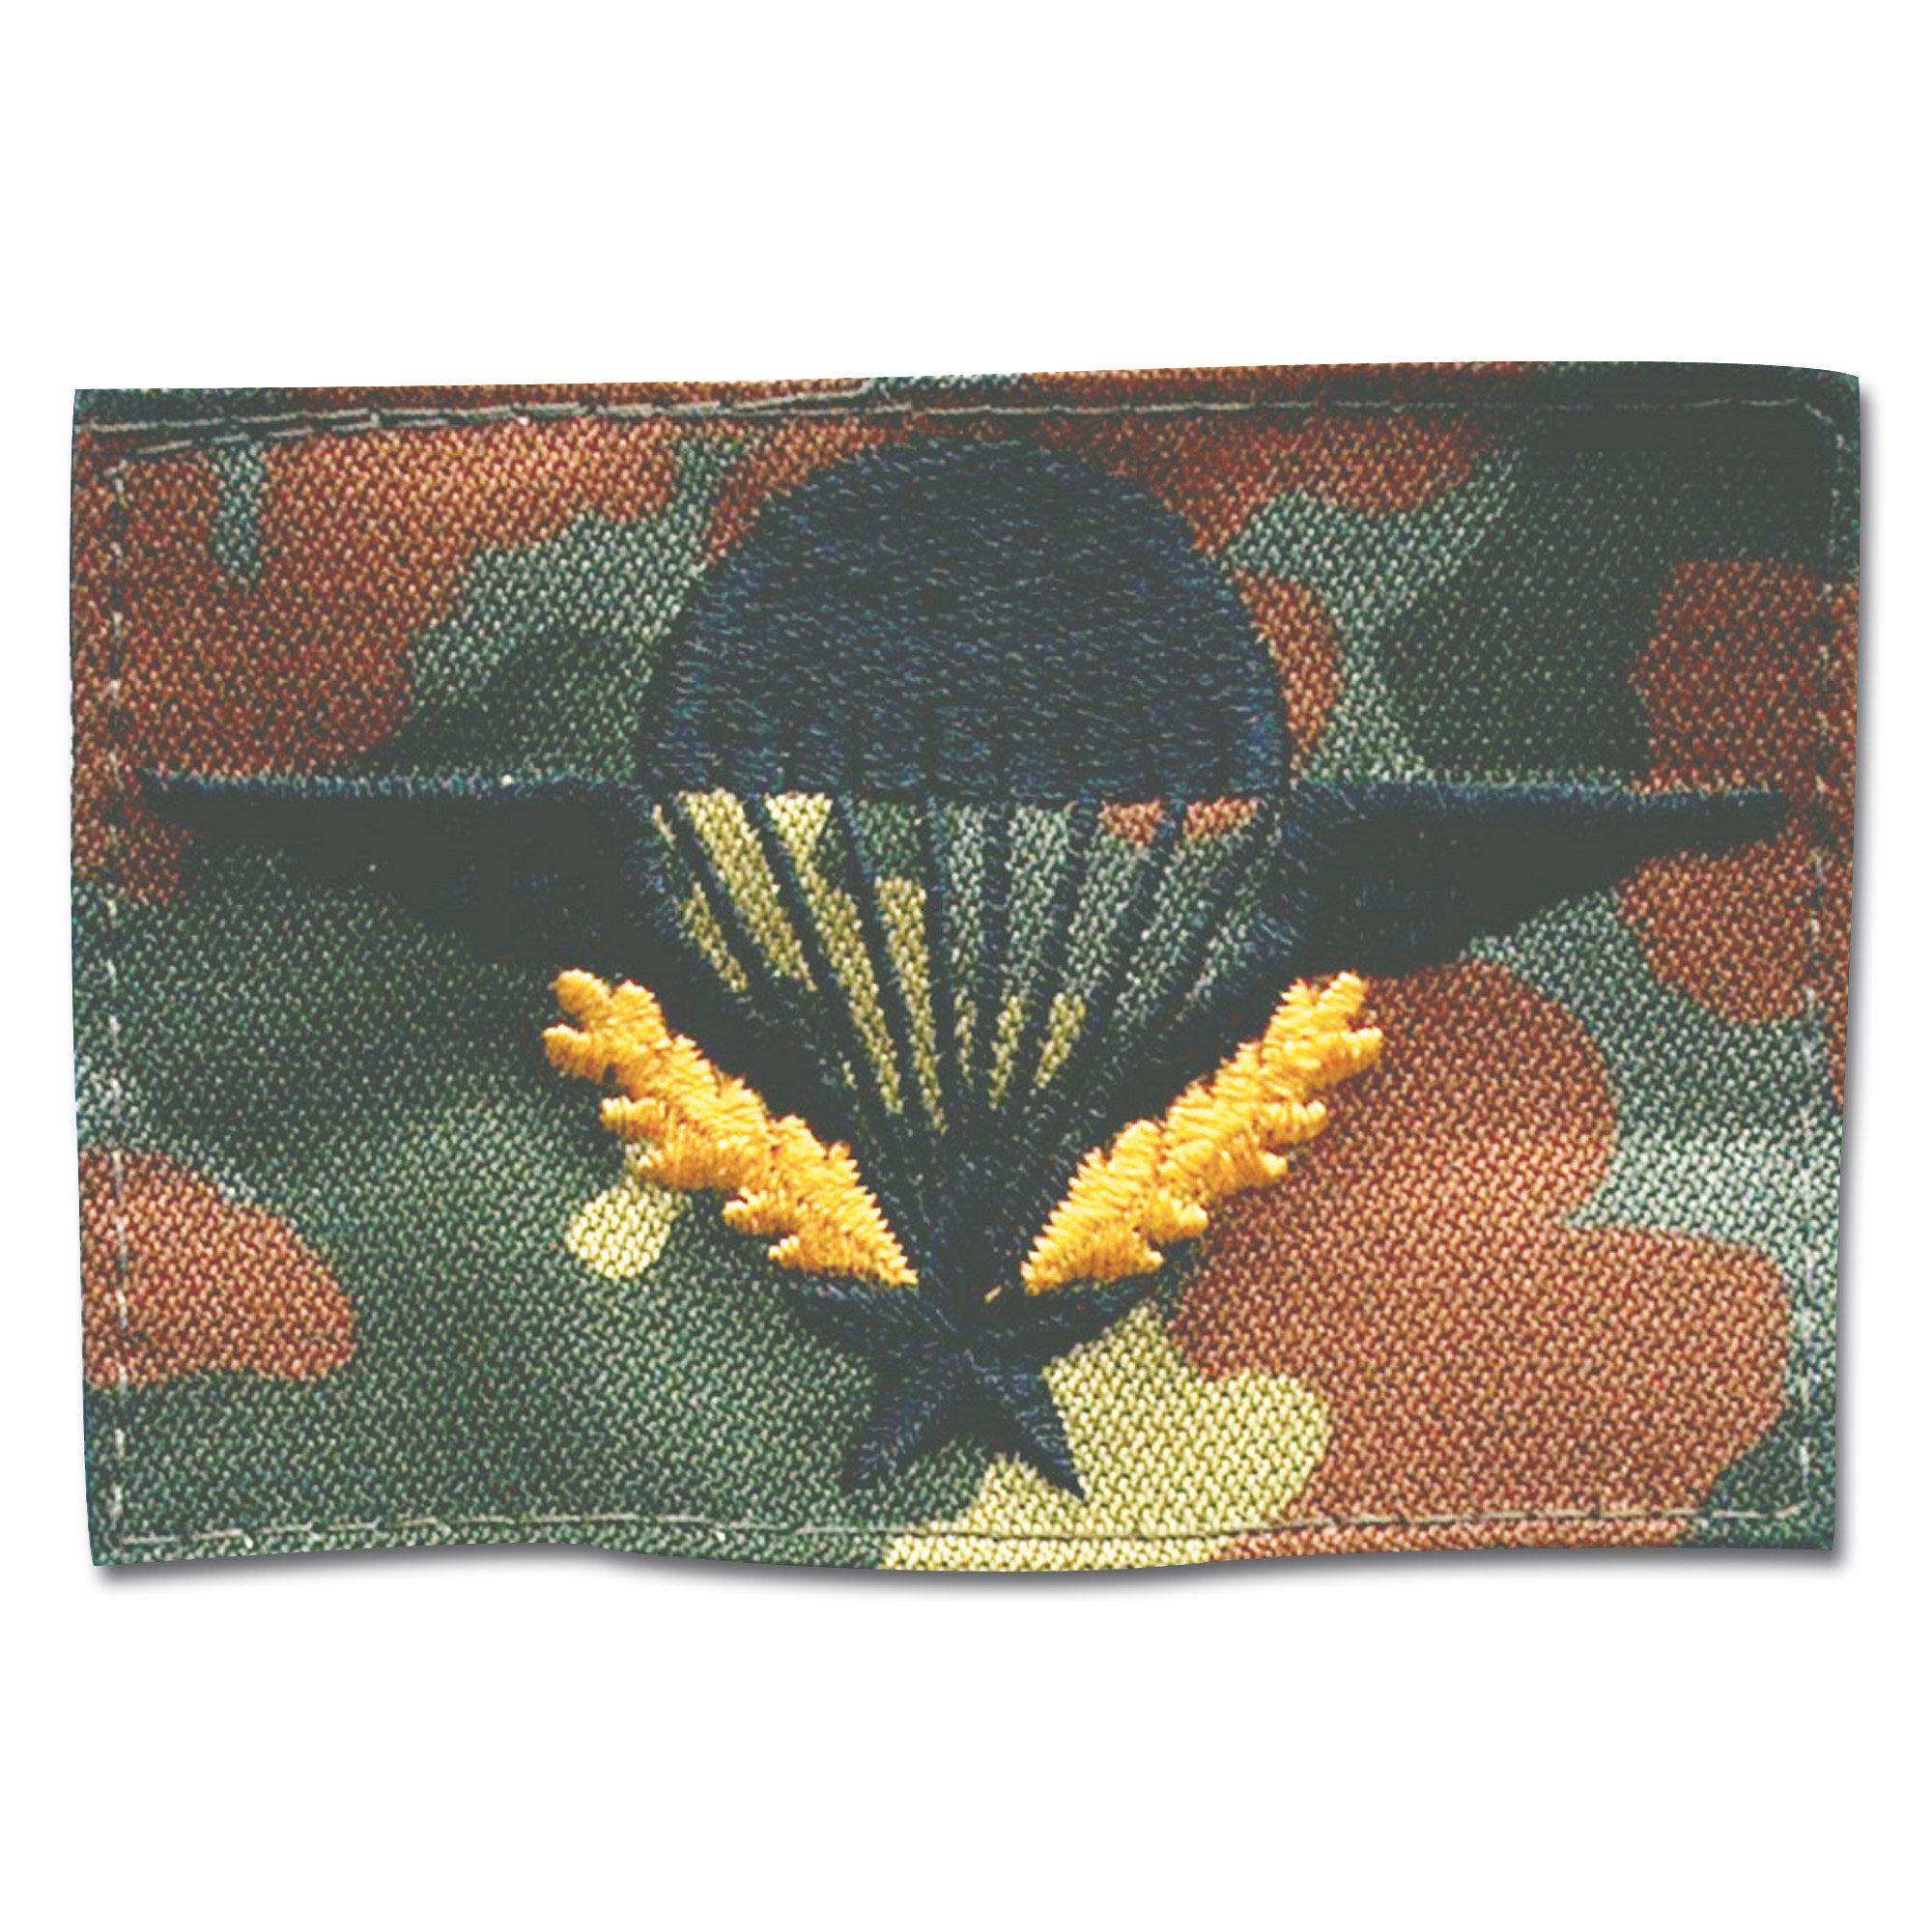 Abzeichen Springer Textil Frankreich fleck/gold